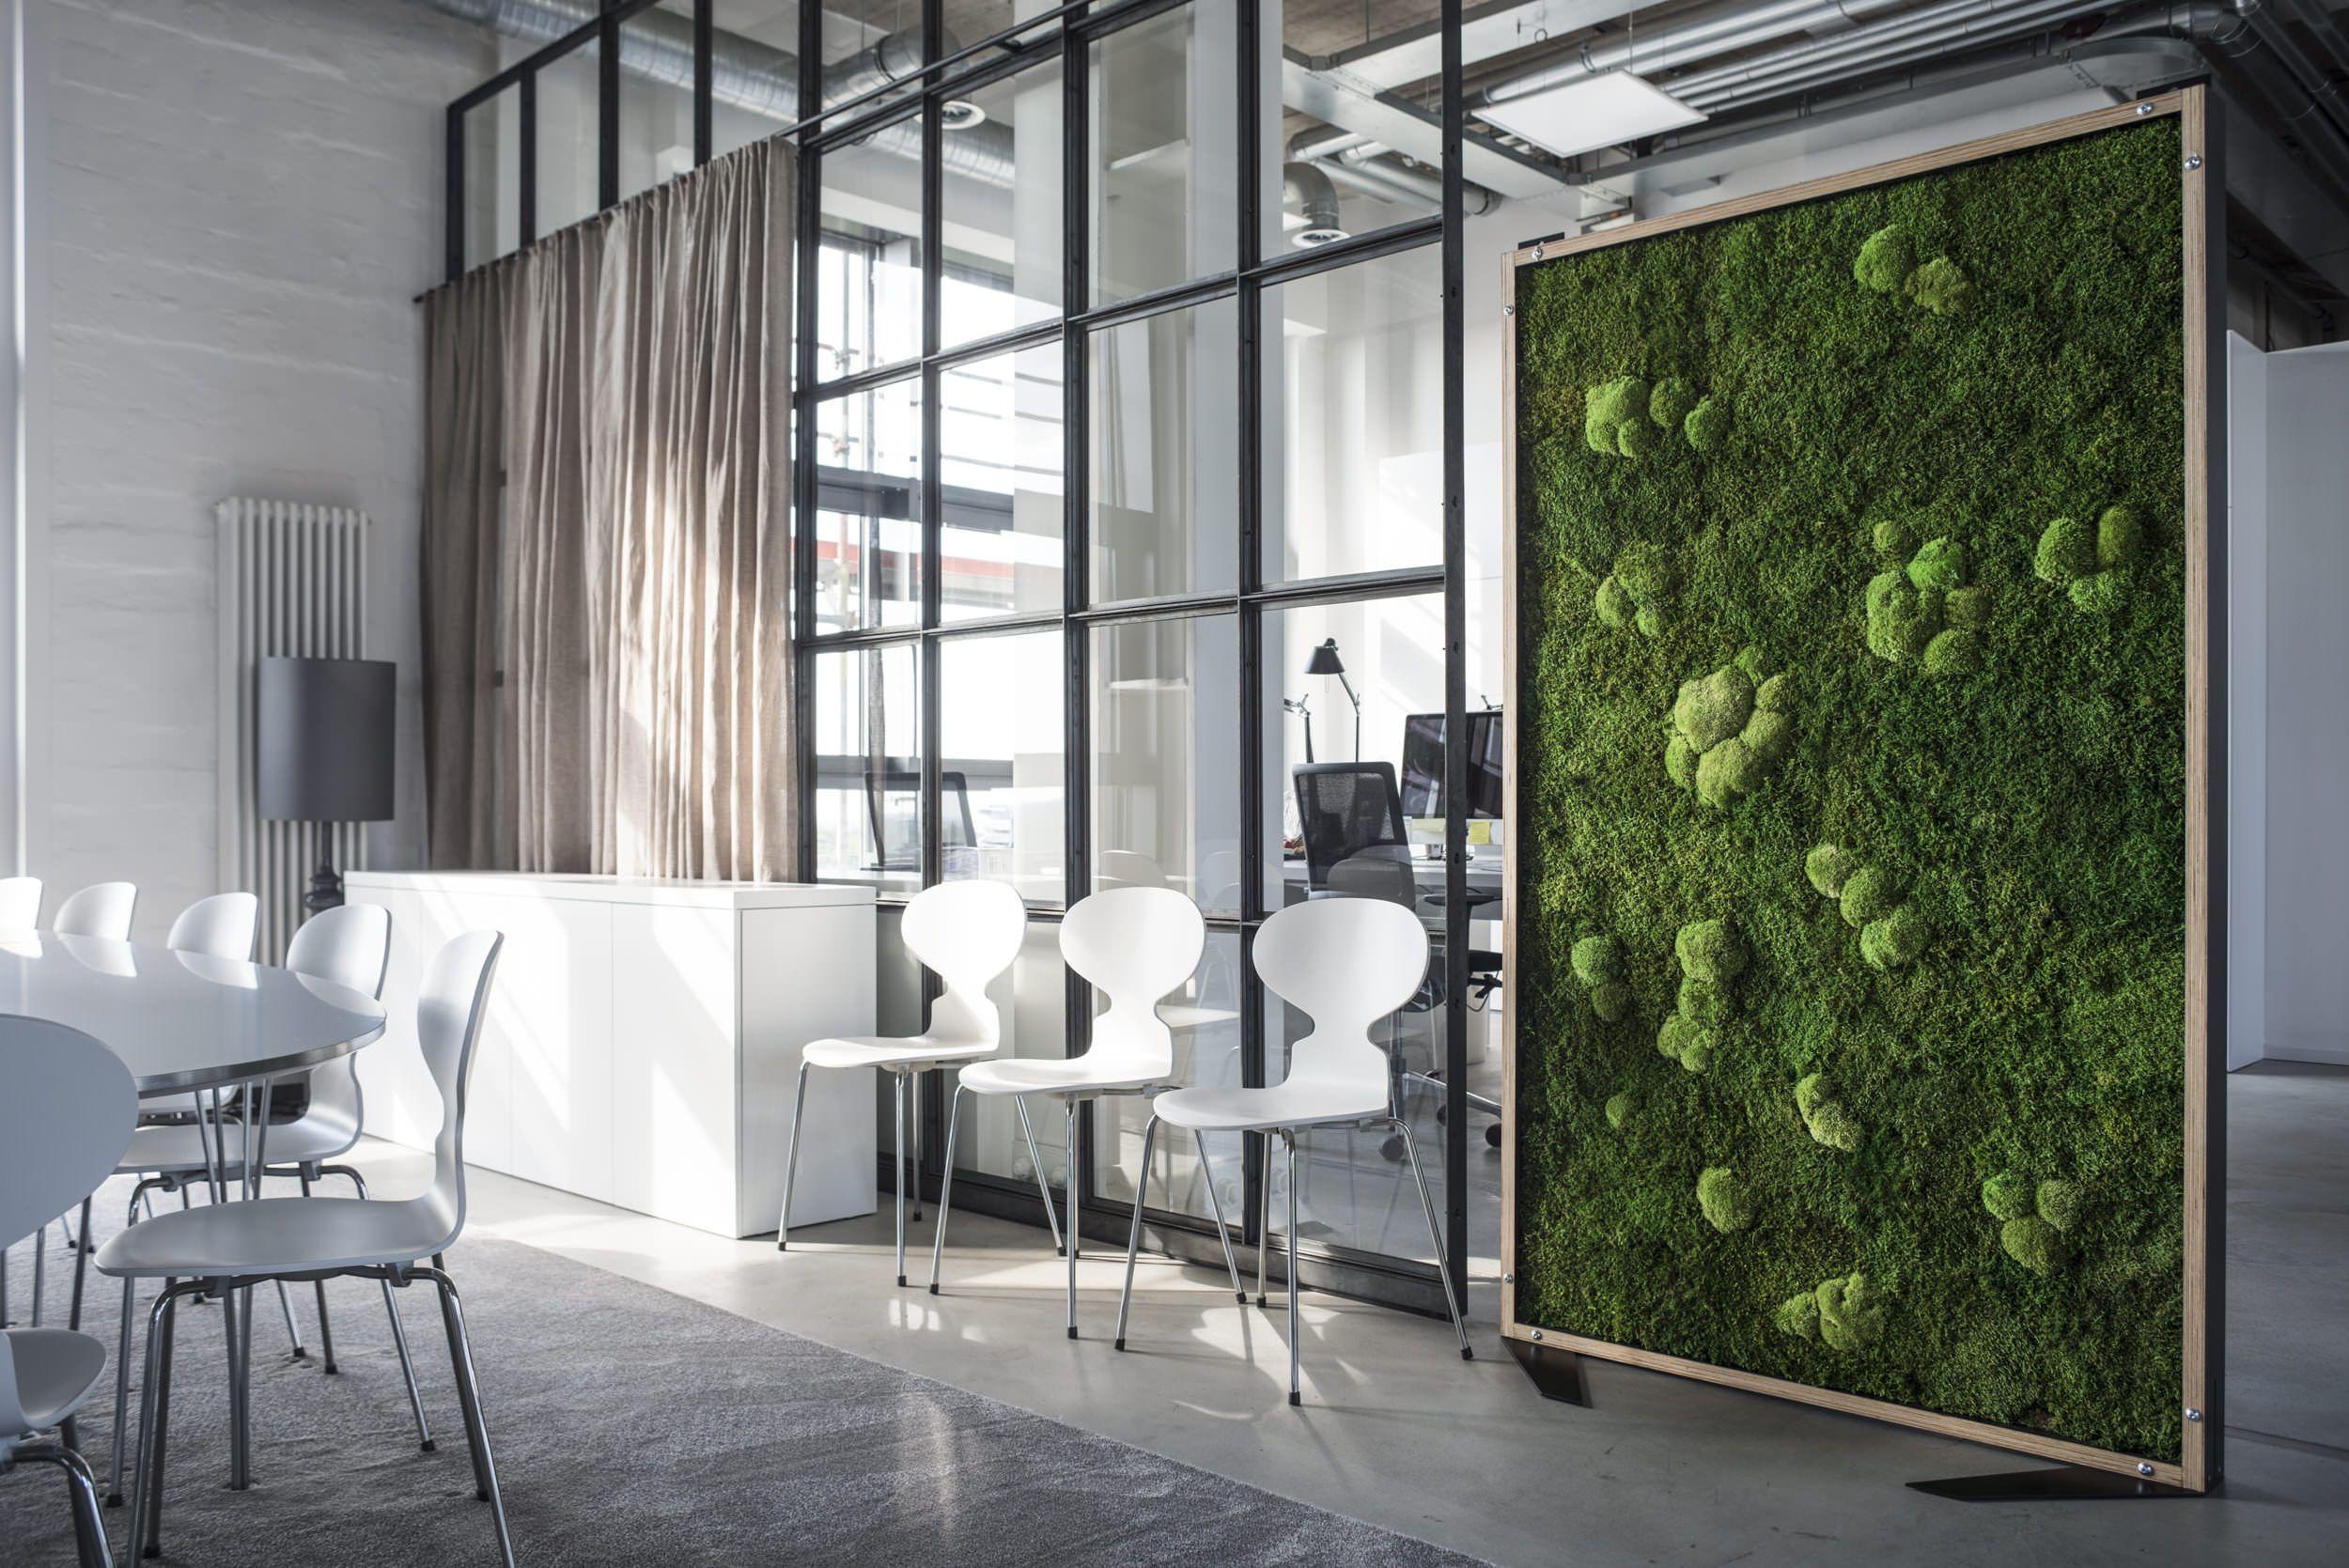 Raumteilerraumtrenner Stylegreen Schweiz